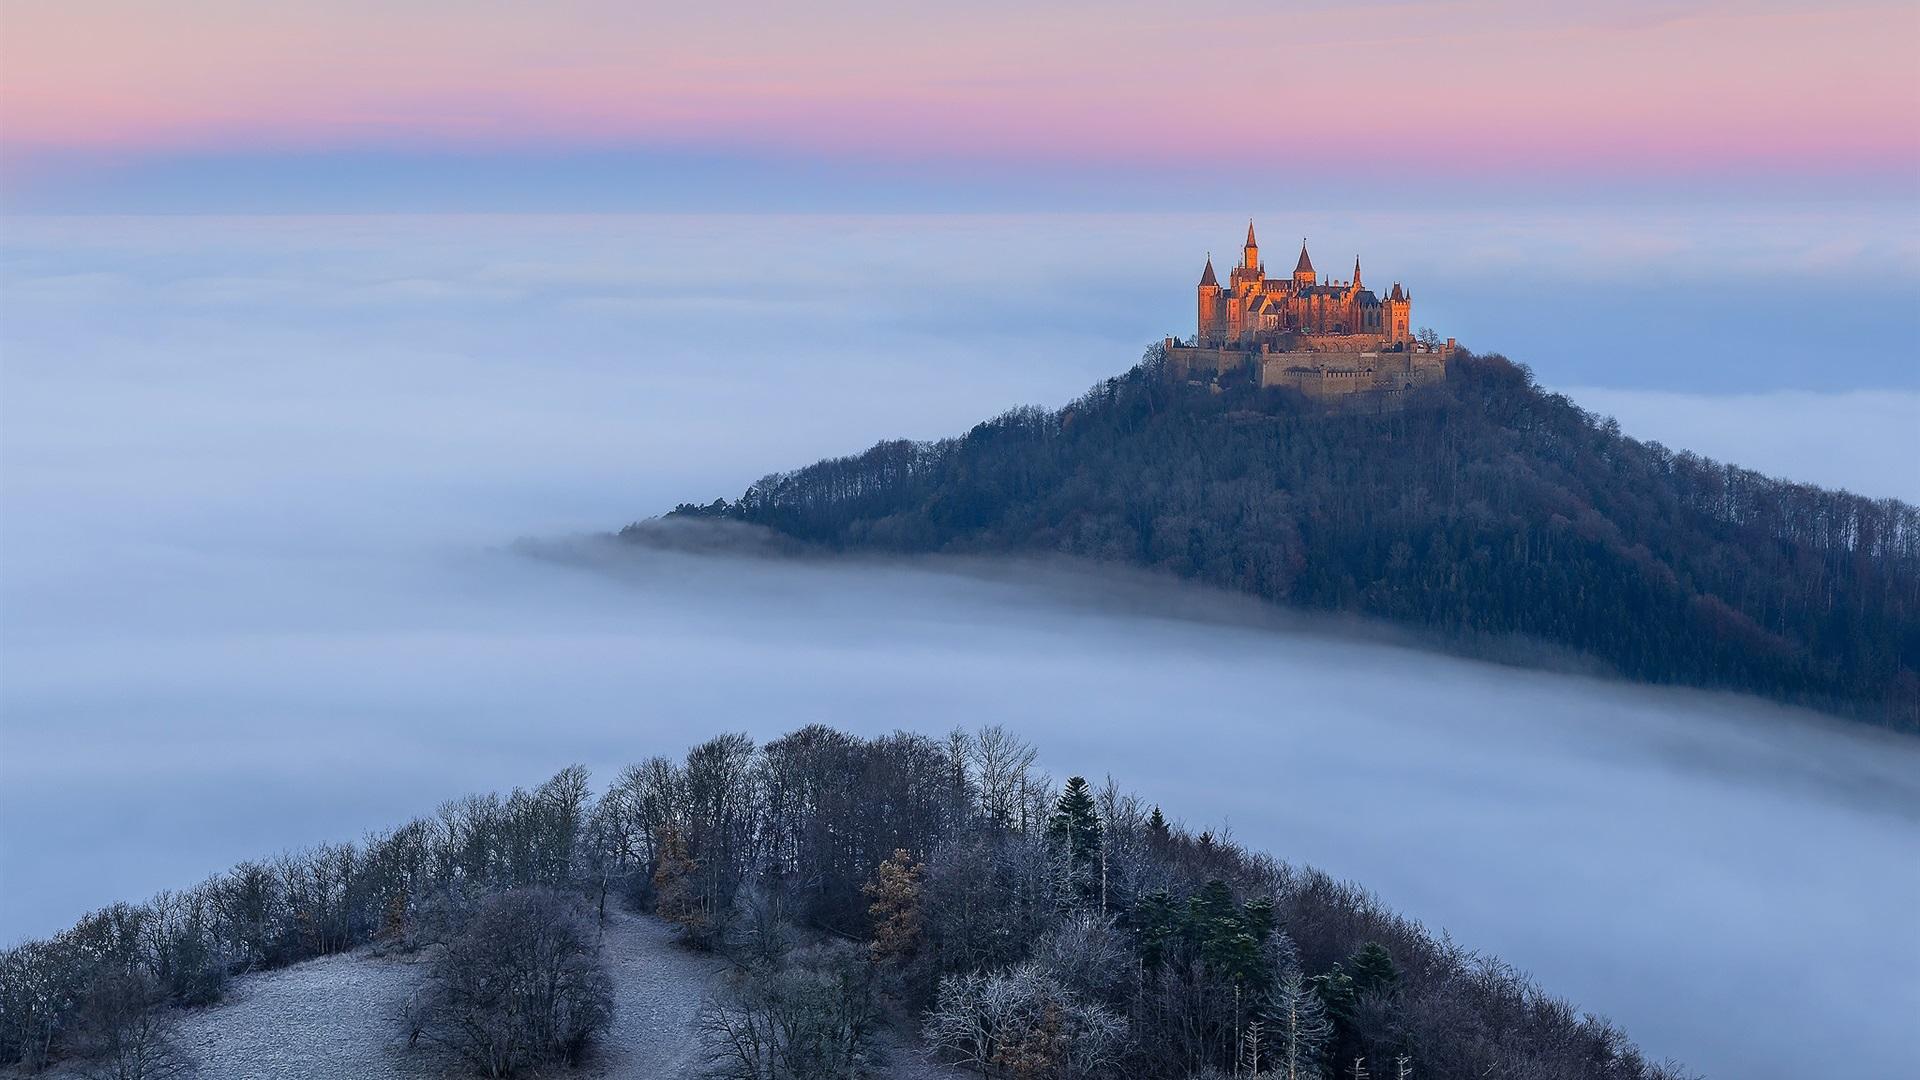 Wallpaper download morning - Deutschland Burg Hohenzollern Herbst Nebel B 228 Ume